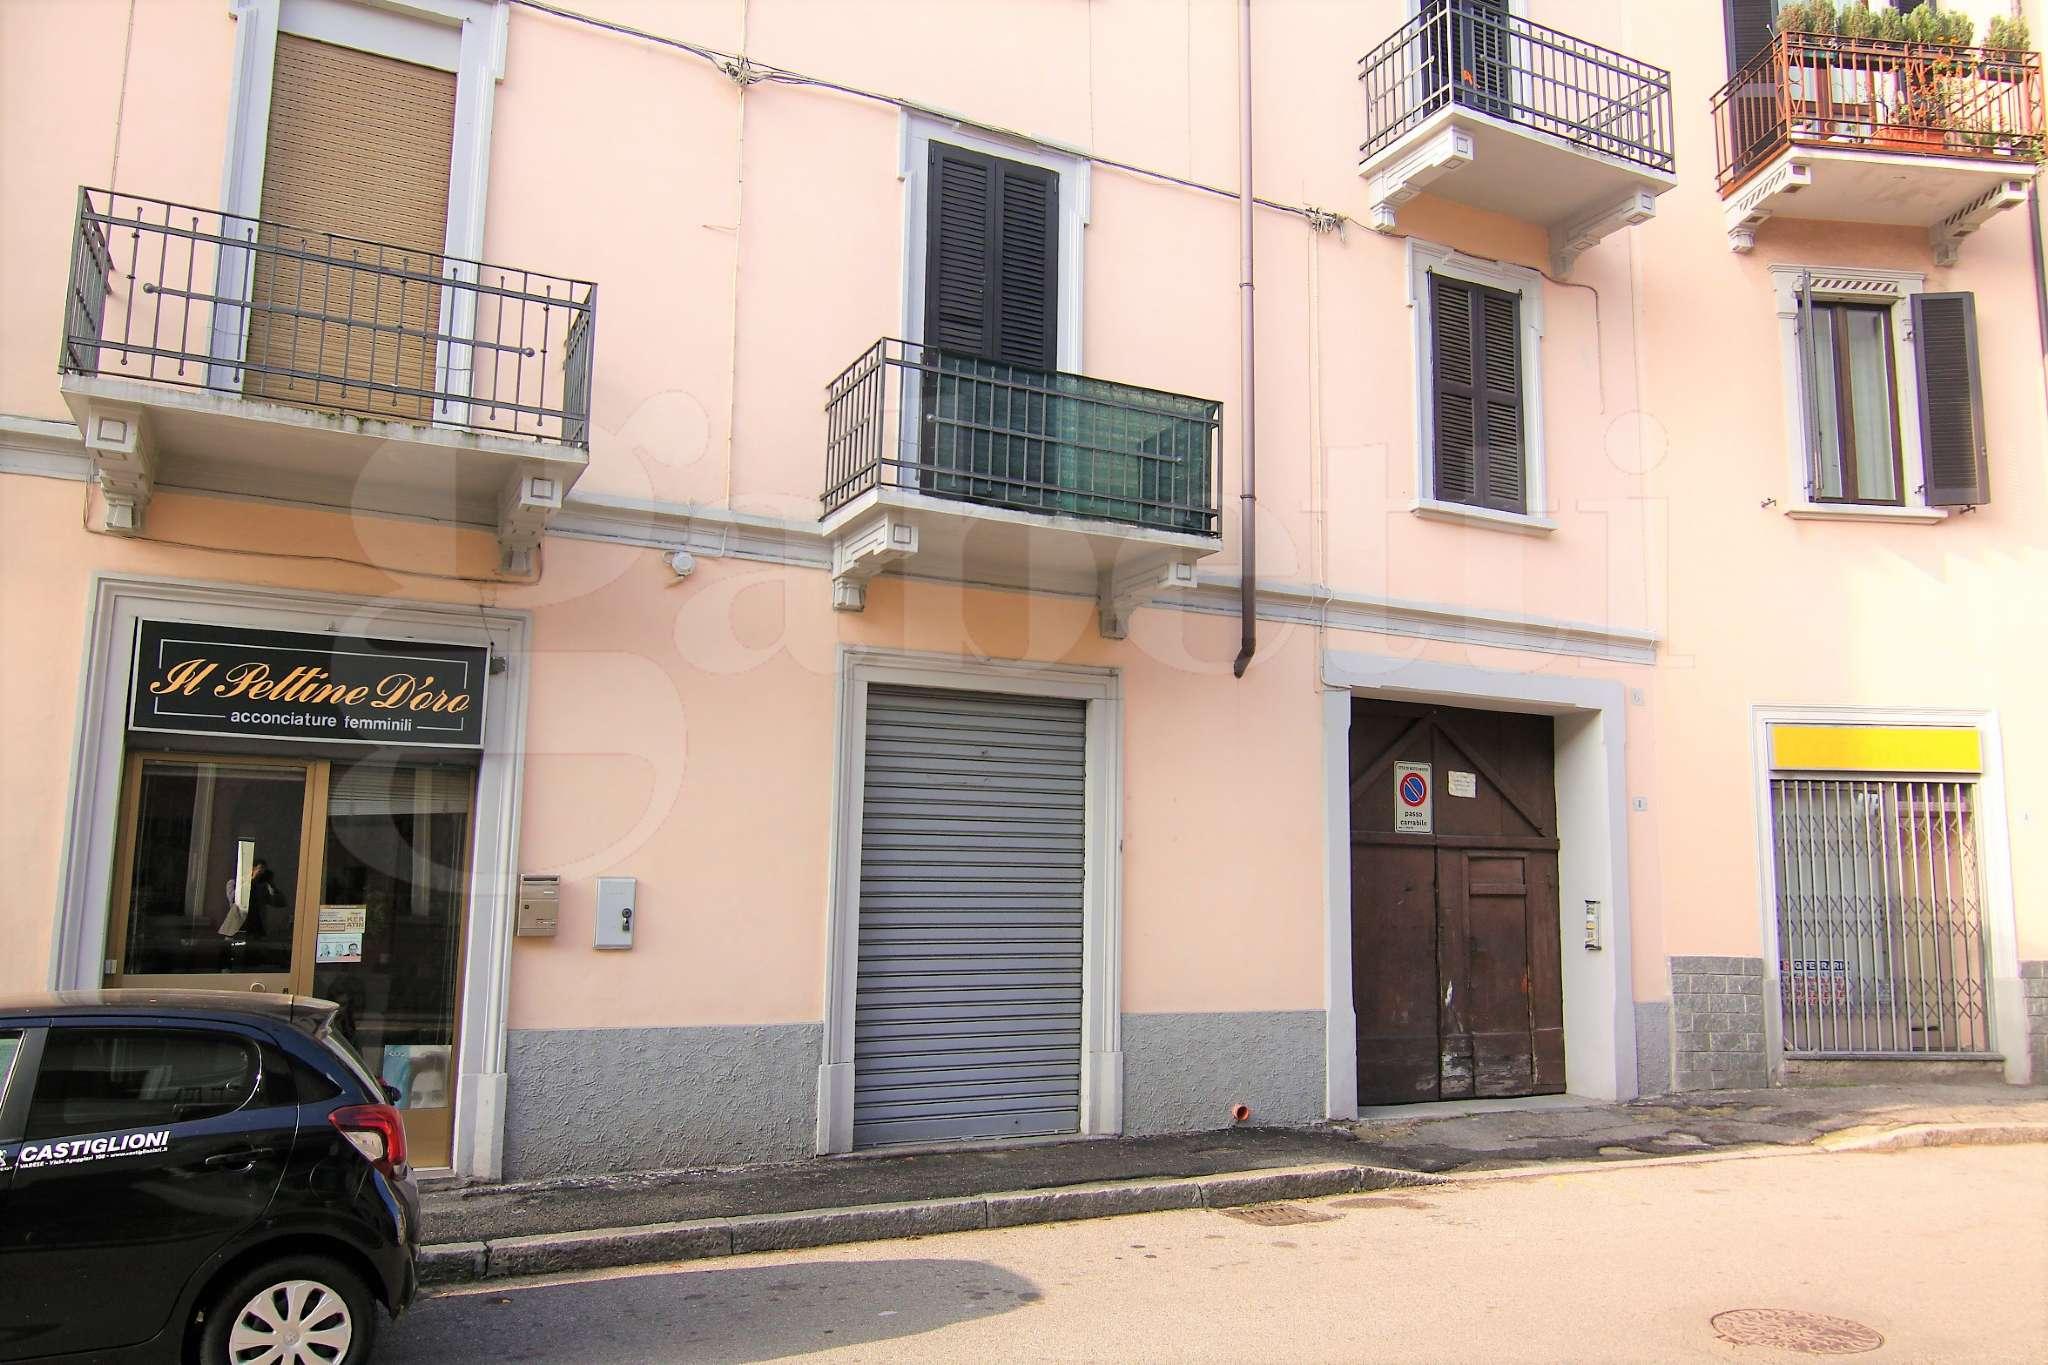 Negozio / Locale in vendita a Busto Arsizio, 2 locali, prezzo € 50.000 | CambioCasa.it